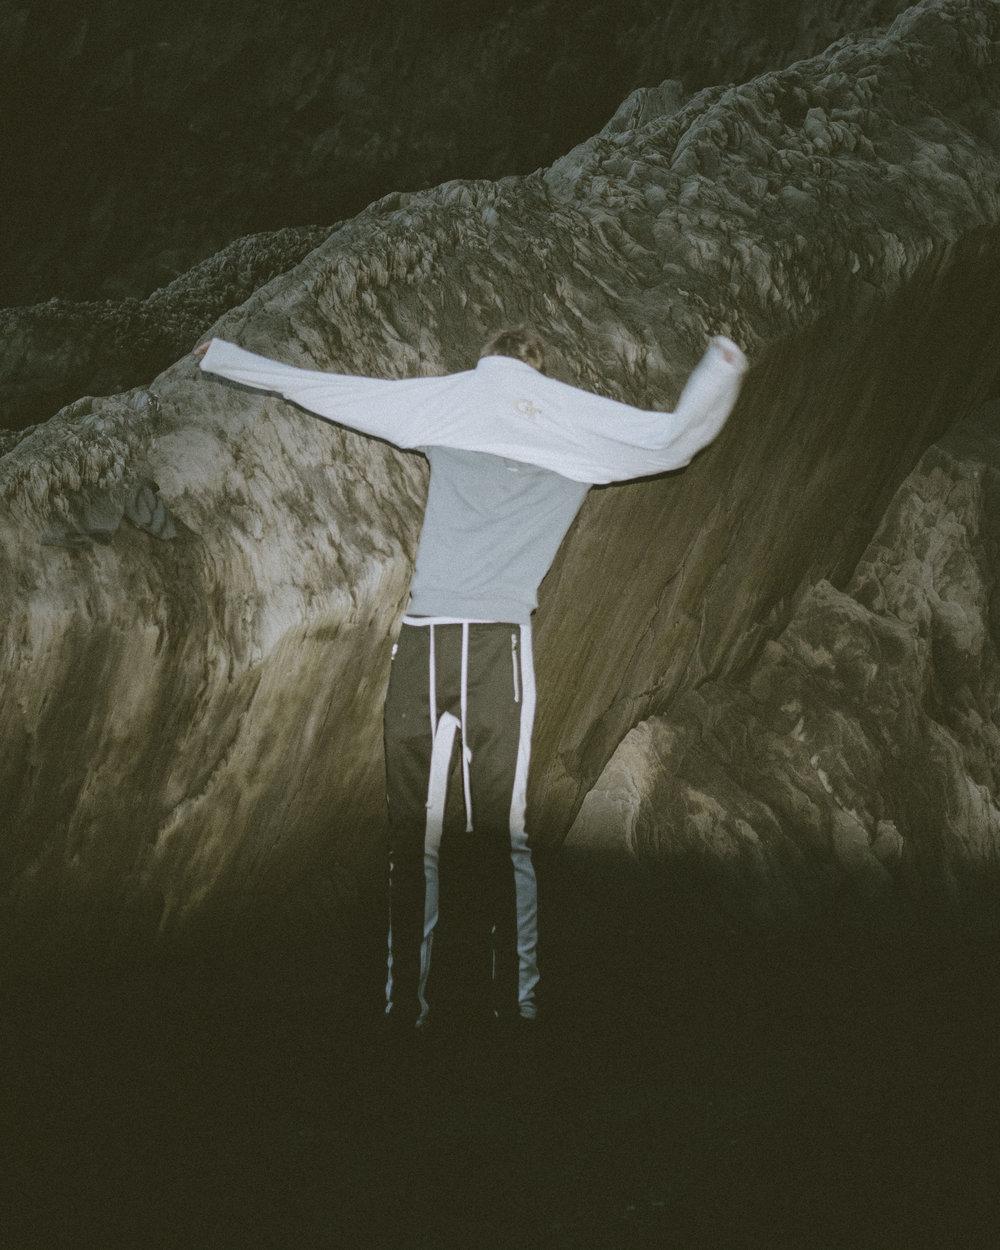 042718 Craig Bourdin ICELAND-3.jpg